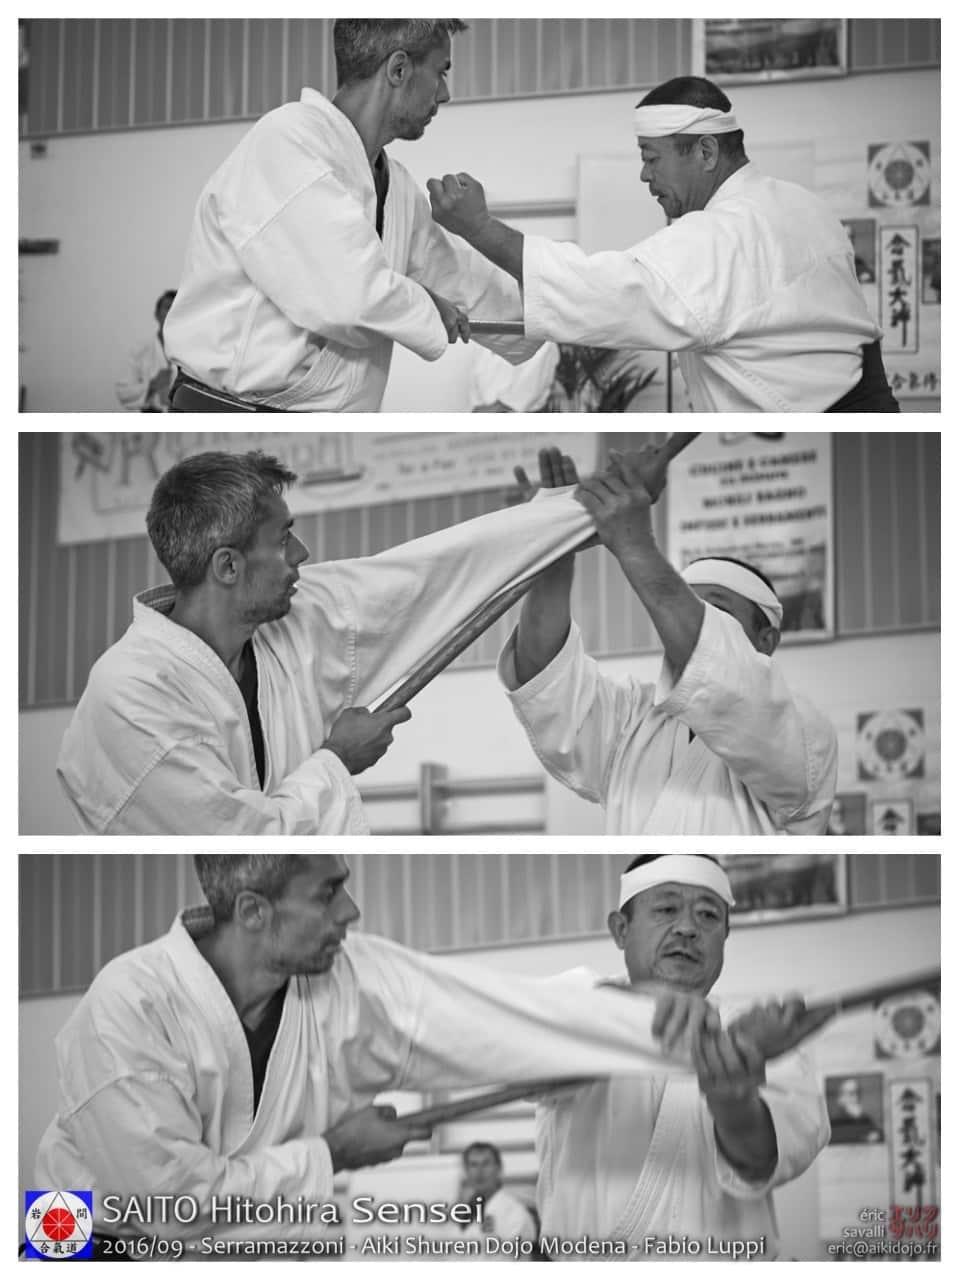 2016-09-25-10-57-39-collage-aikido-saito-serramazzoni